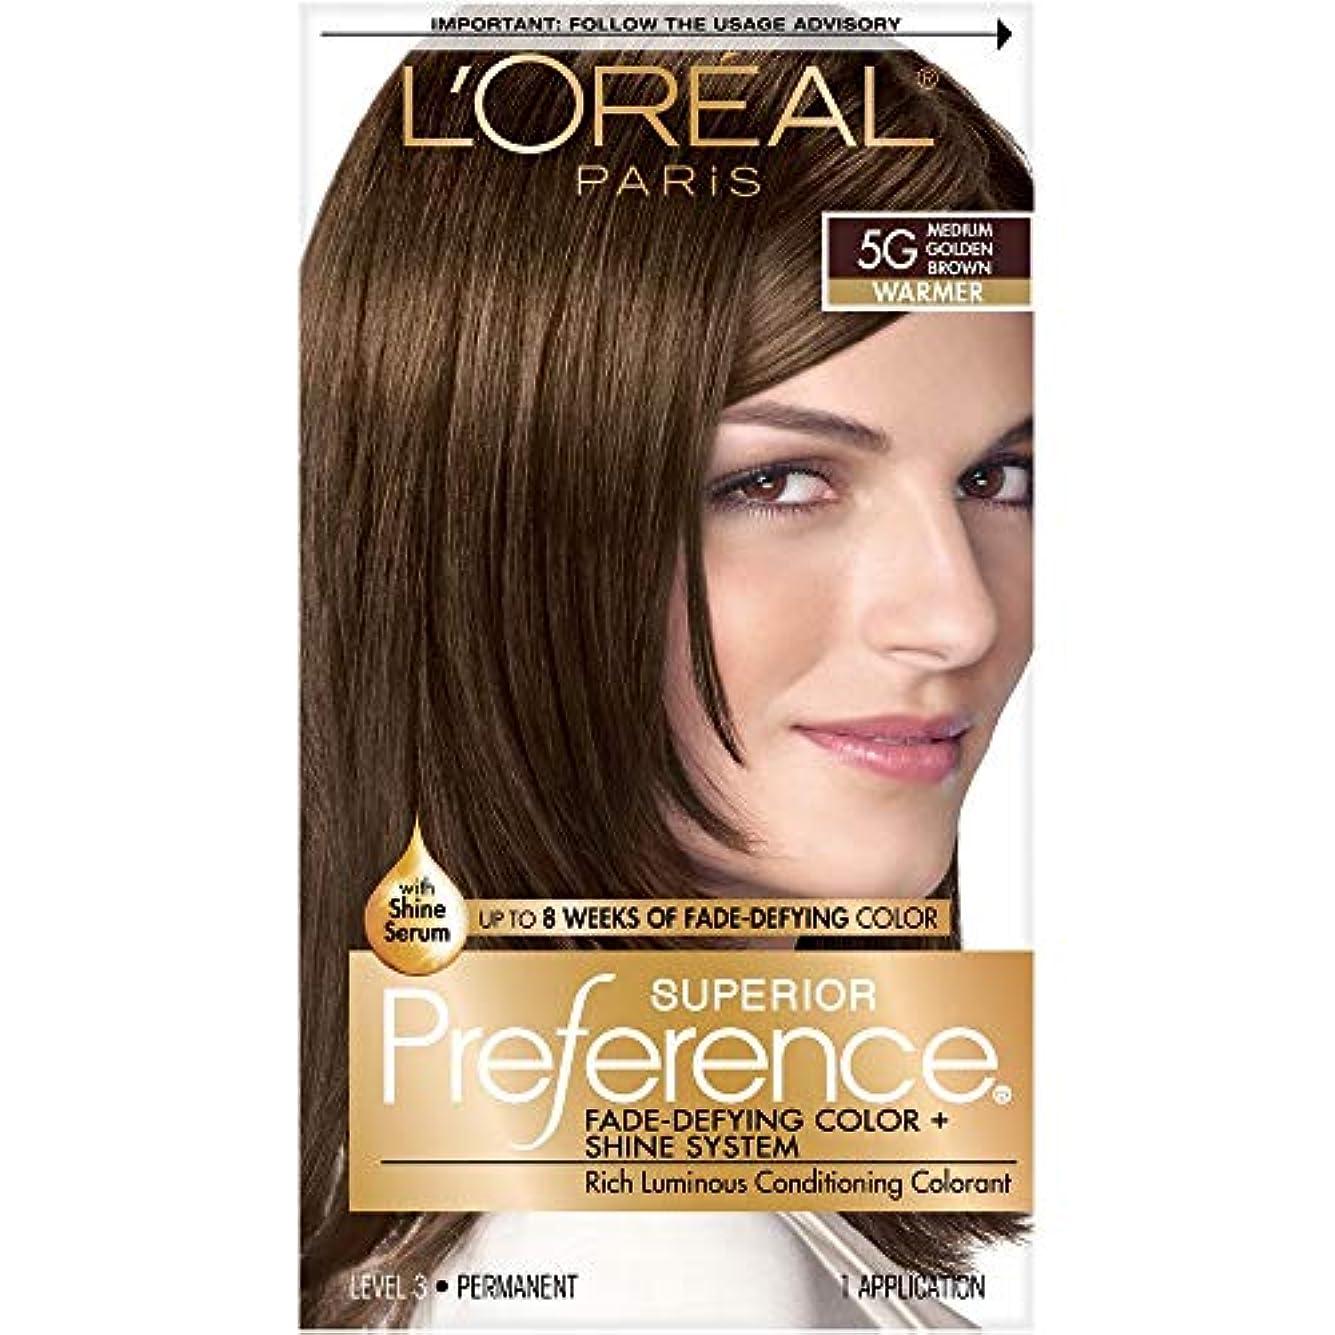 レイプ受け入れ摂氏度海外直送肘 LOreal Superior Preference Hair Color 5G Medium Golden Brown, Medium Golden Brown 1 each